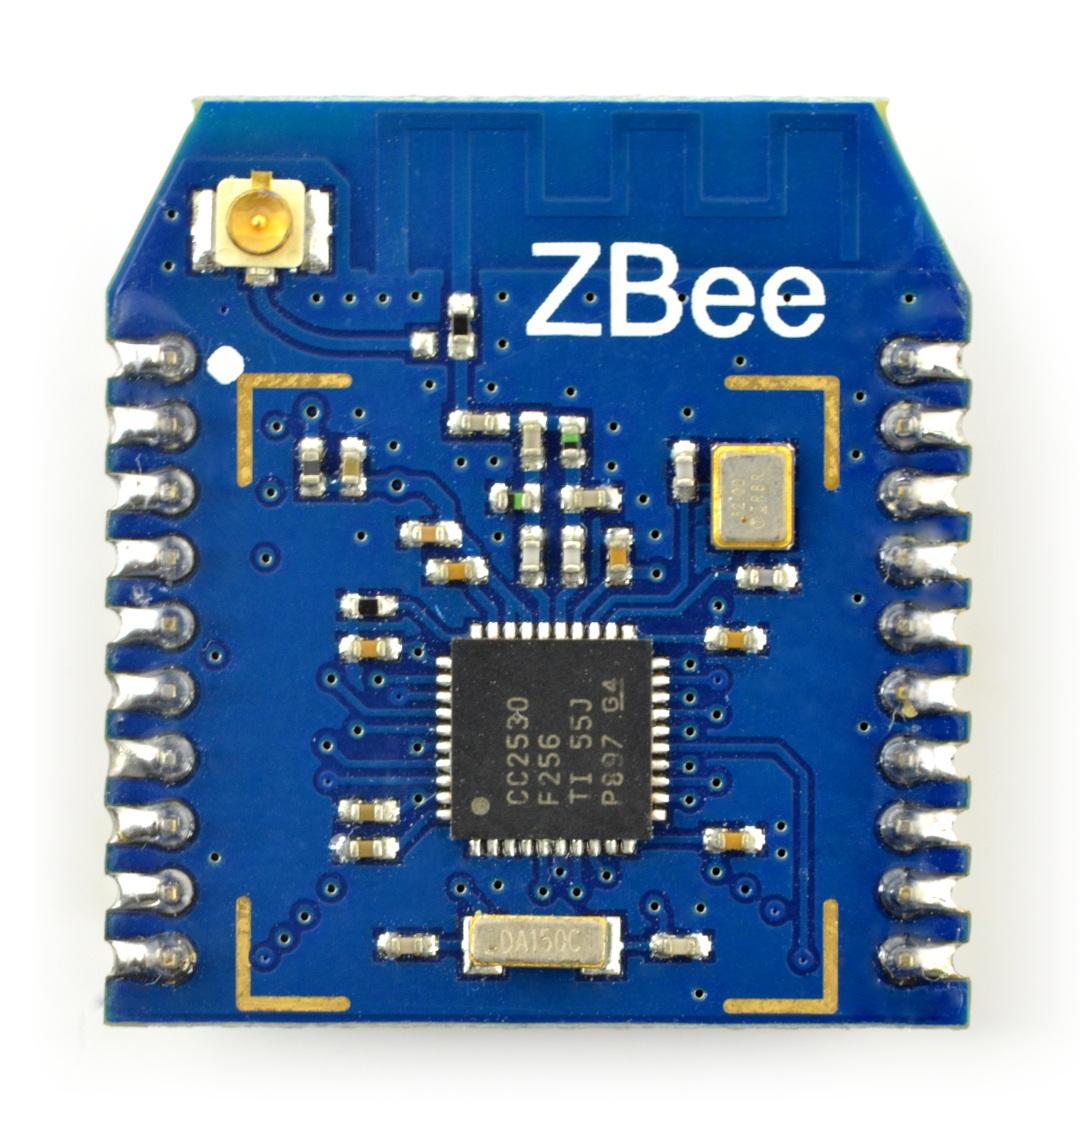 Core2530 - moduł radiowy z protokołem ZigBee